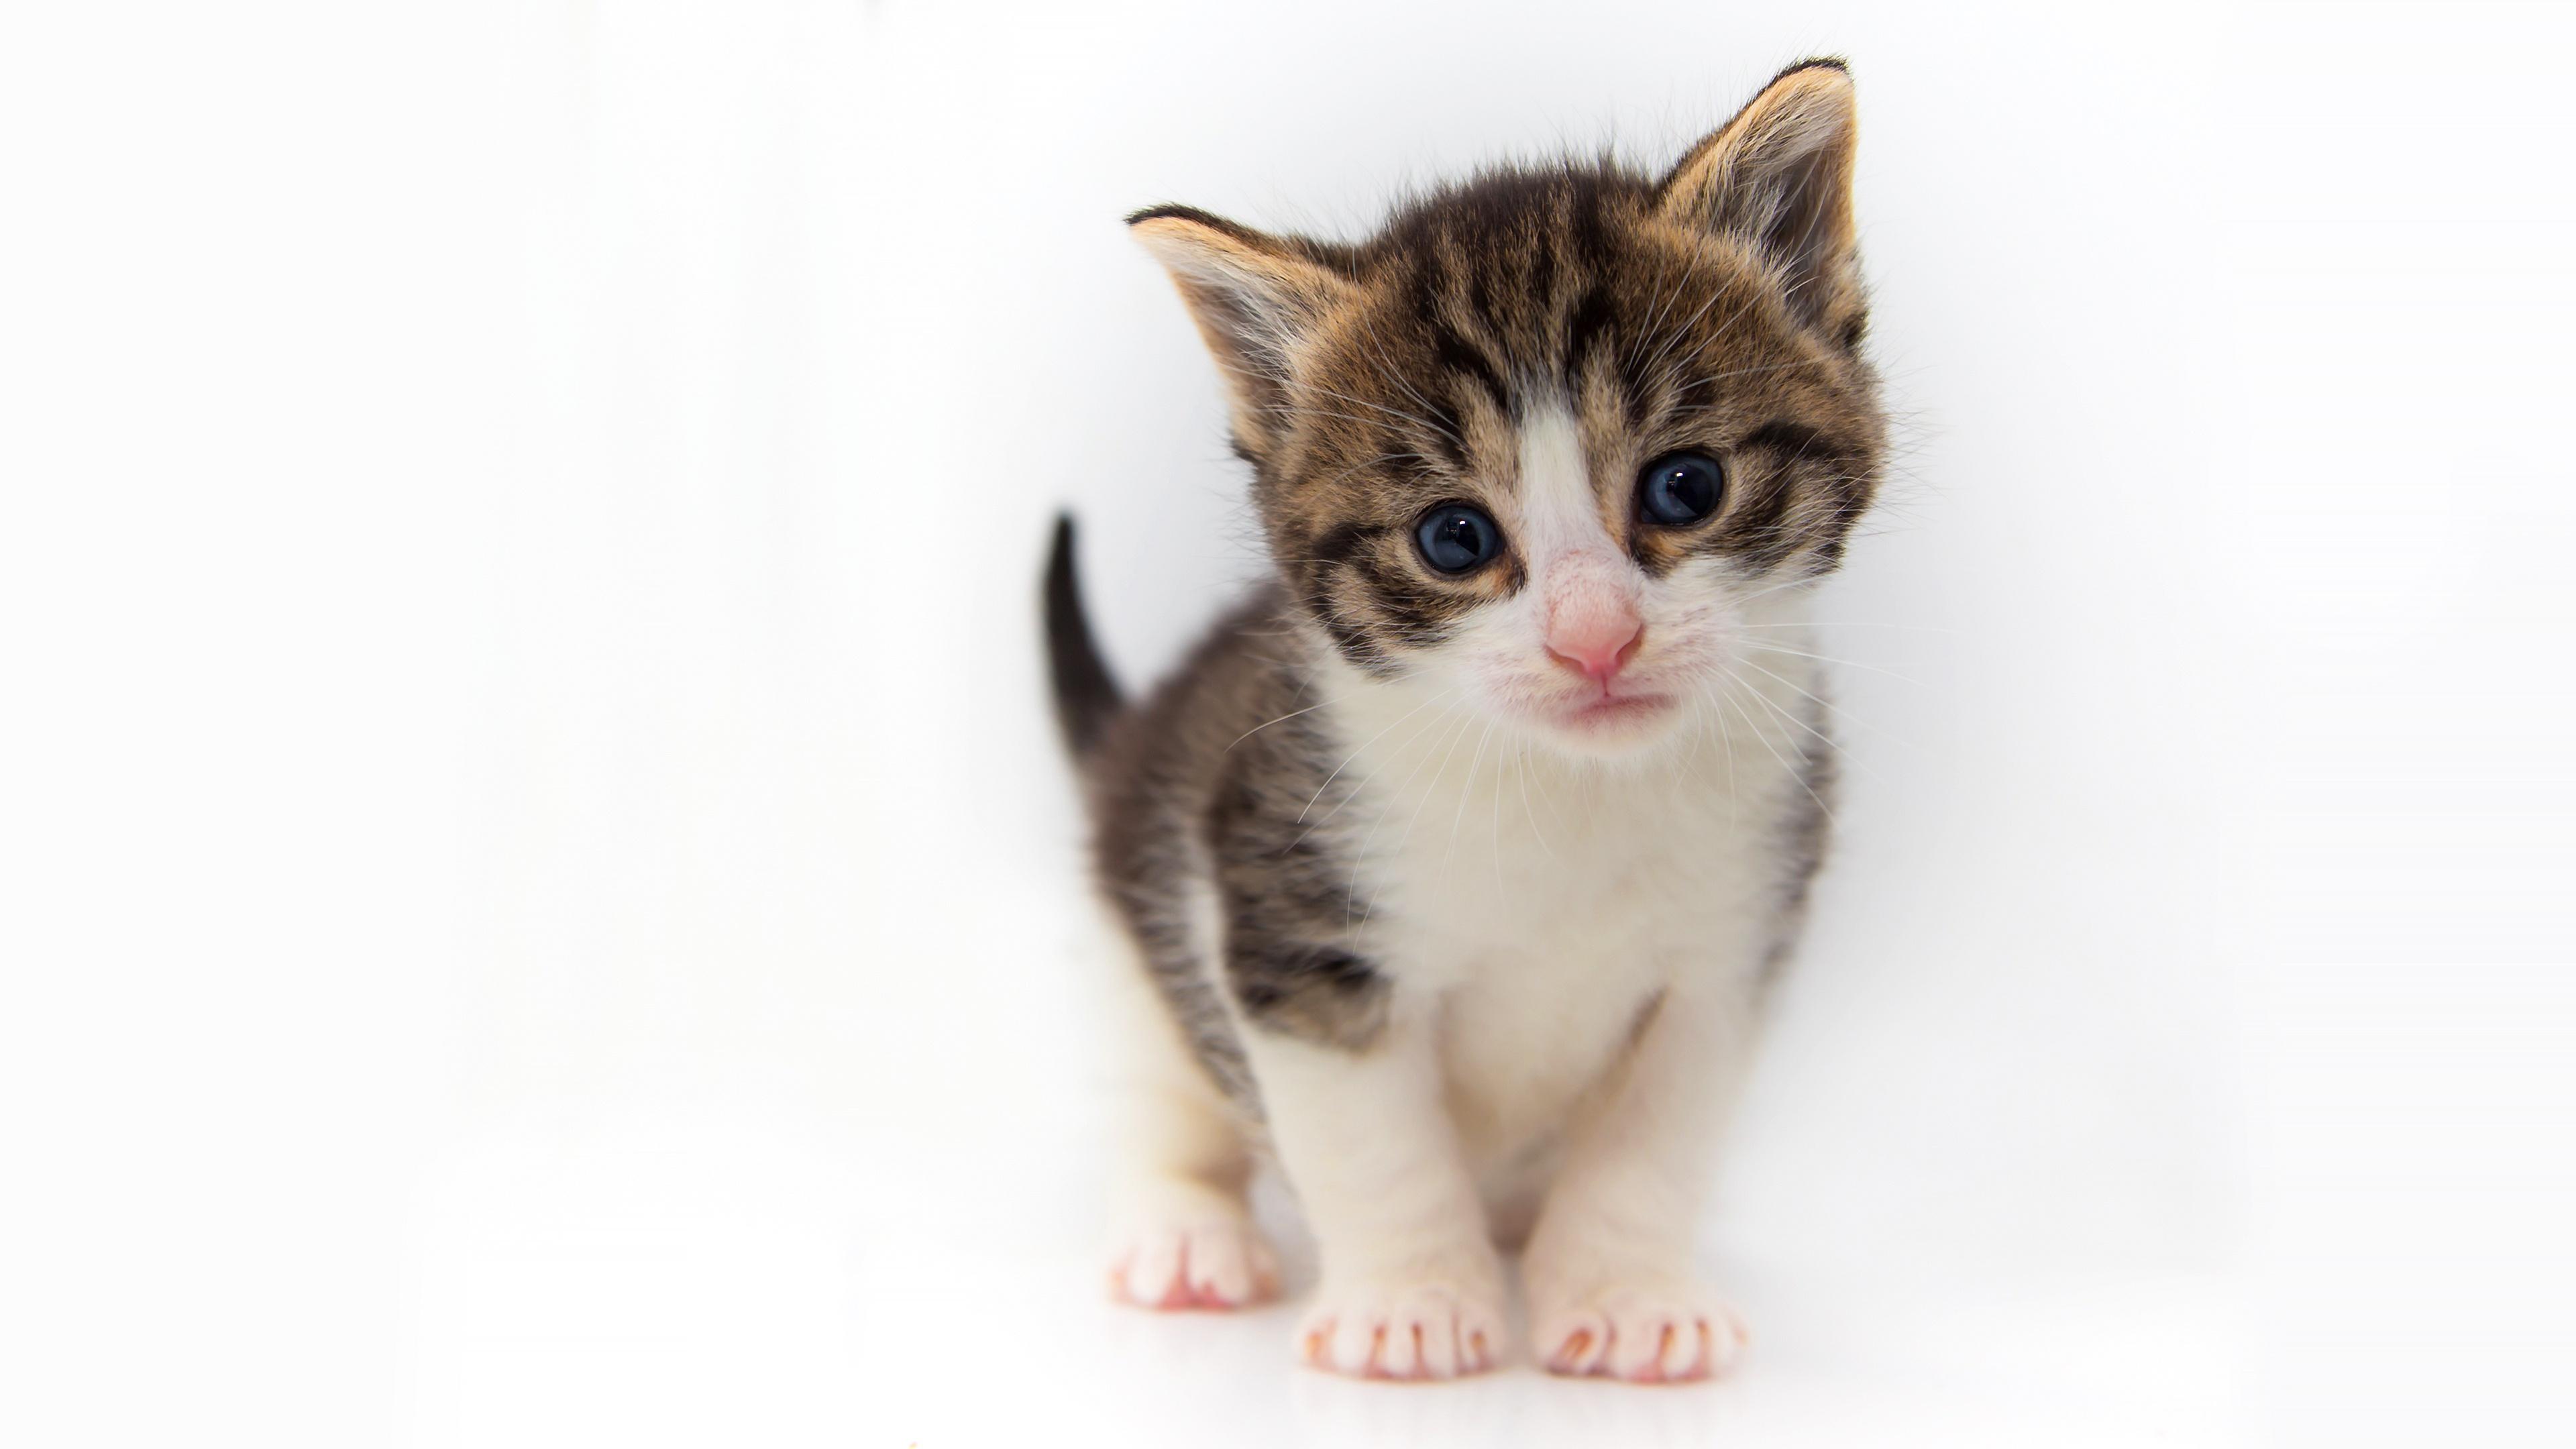 Обои для рабочего стола Котята кошка Взгляд животное Белый фон котят котенок котенка кот коты Кошки смотрит смотрят Животные белом фоне белым фоном